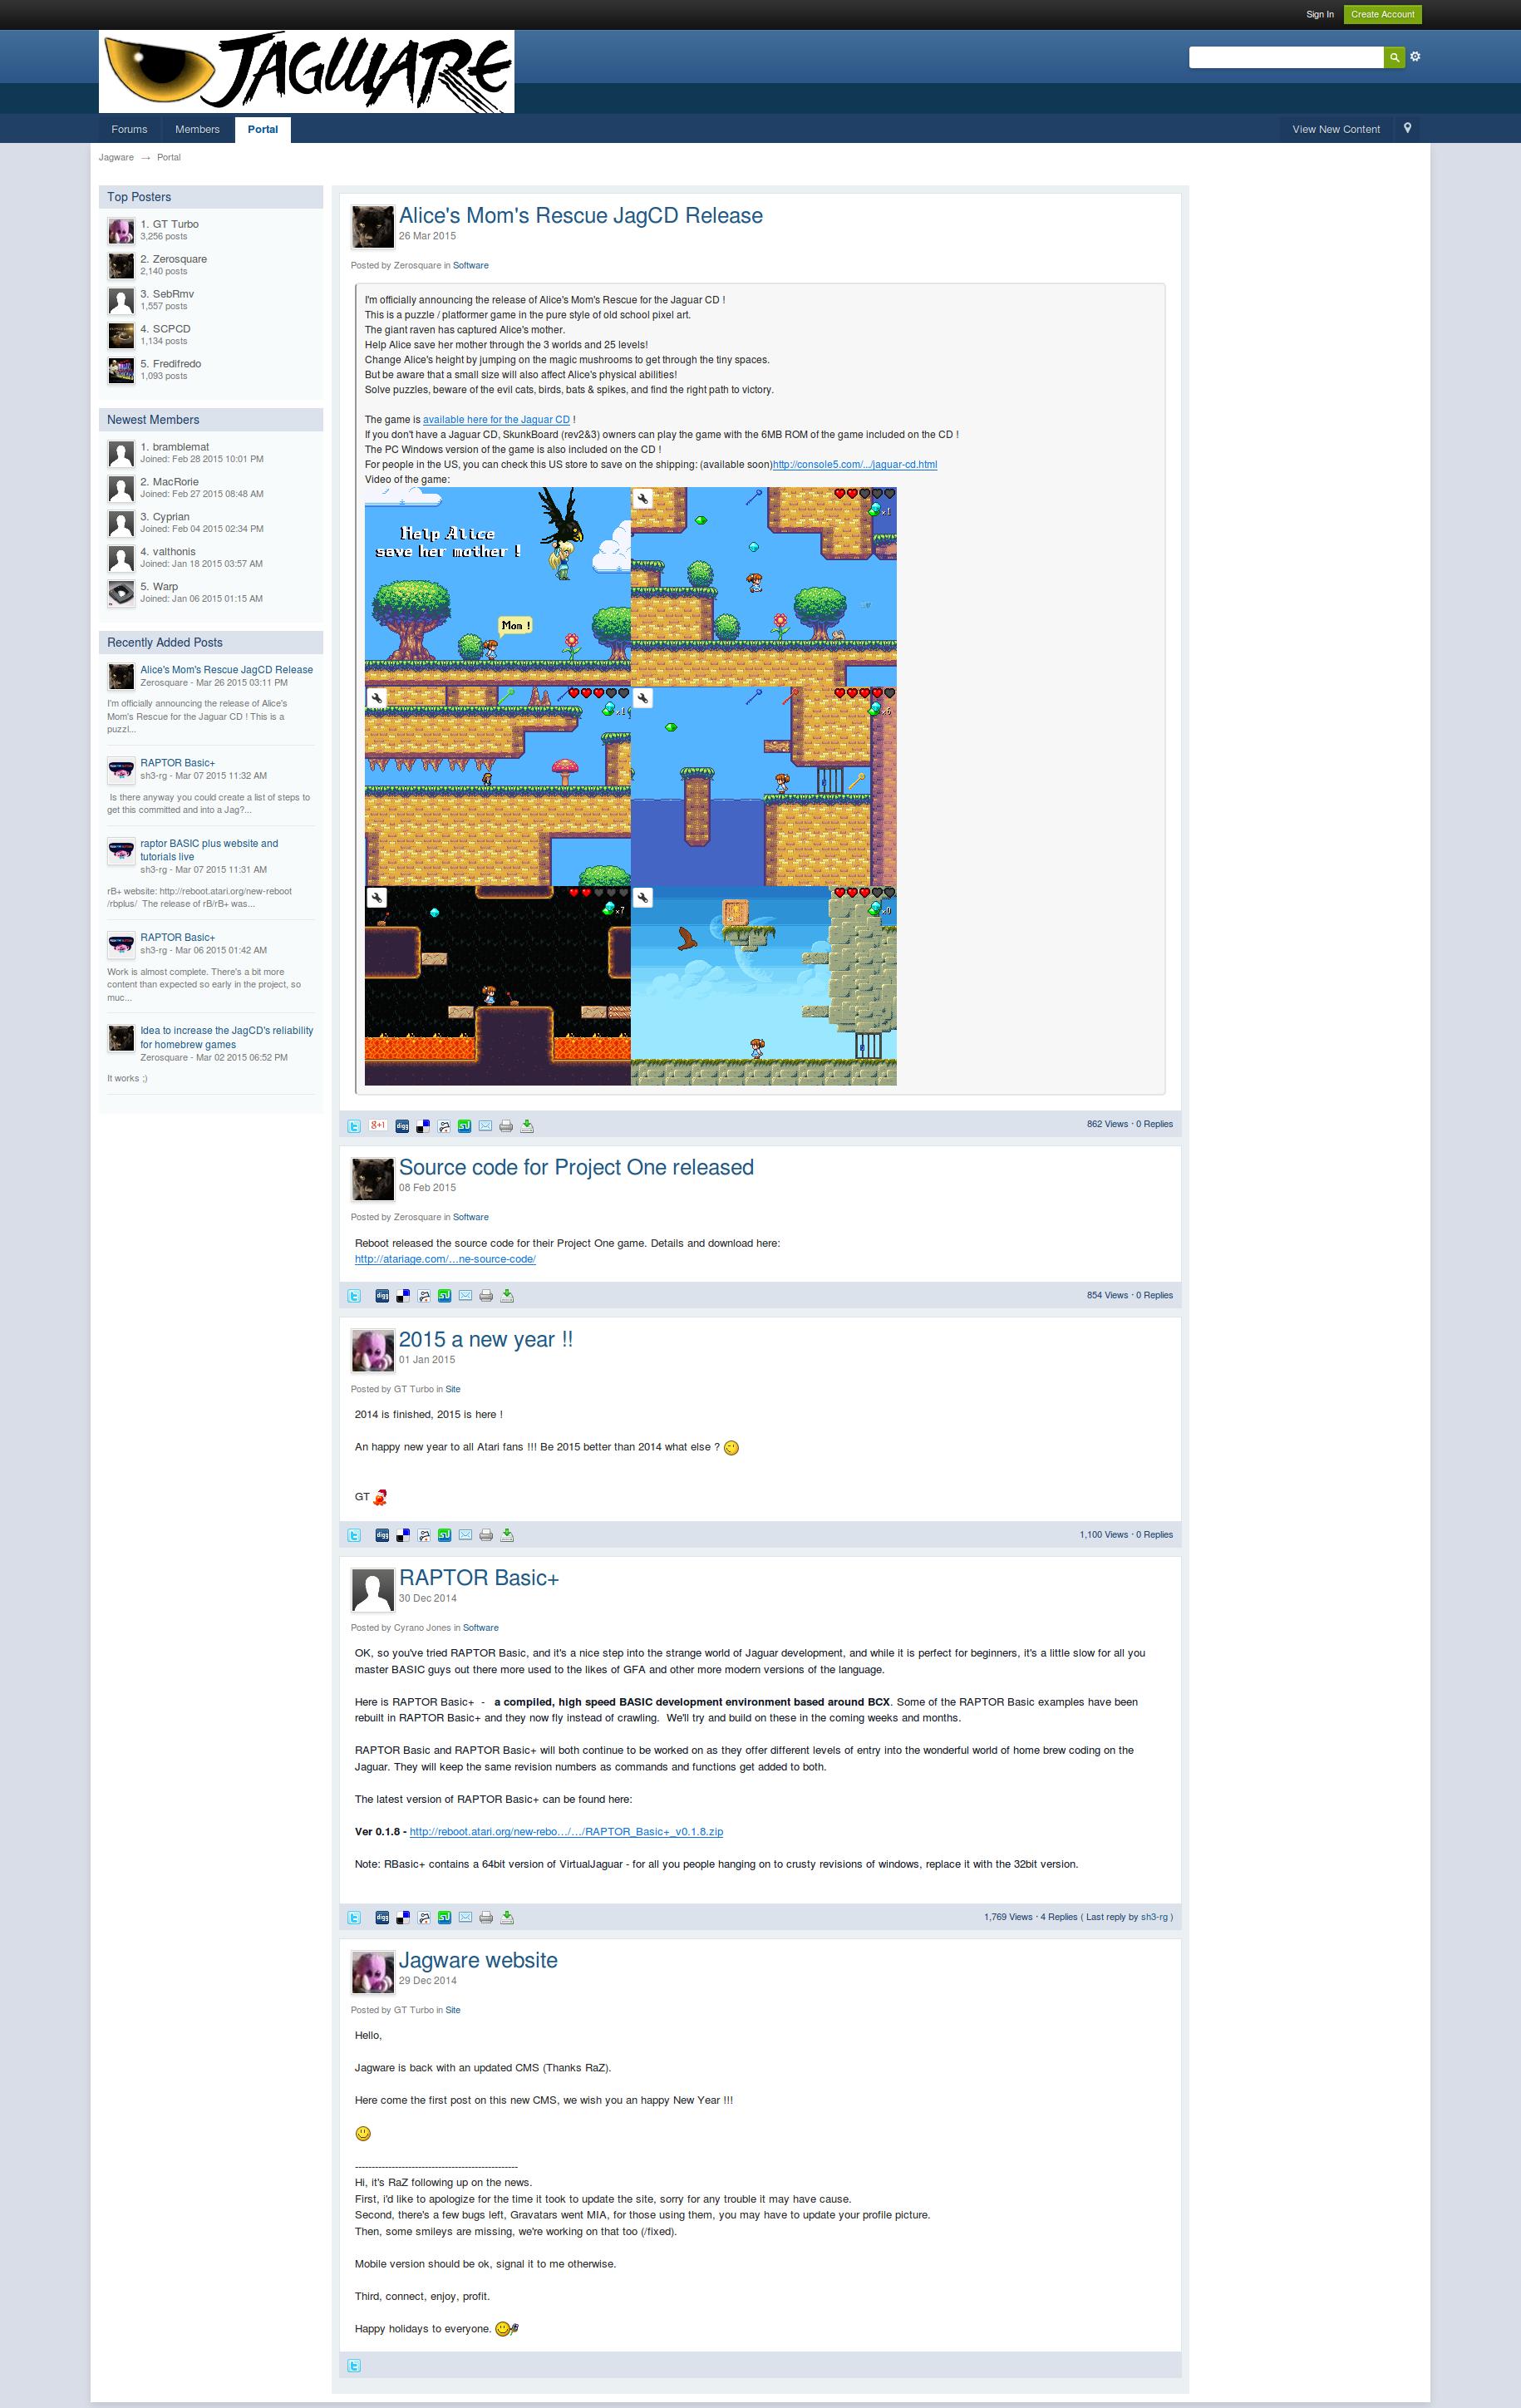 Screenshot of website Jagware